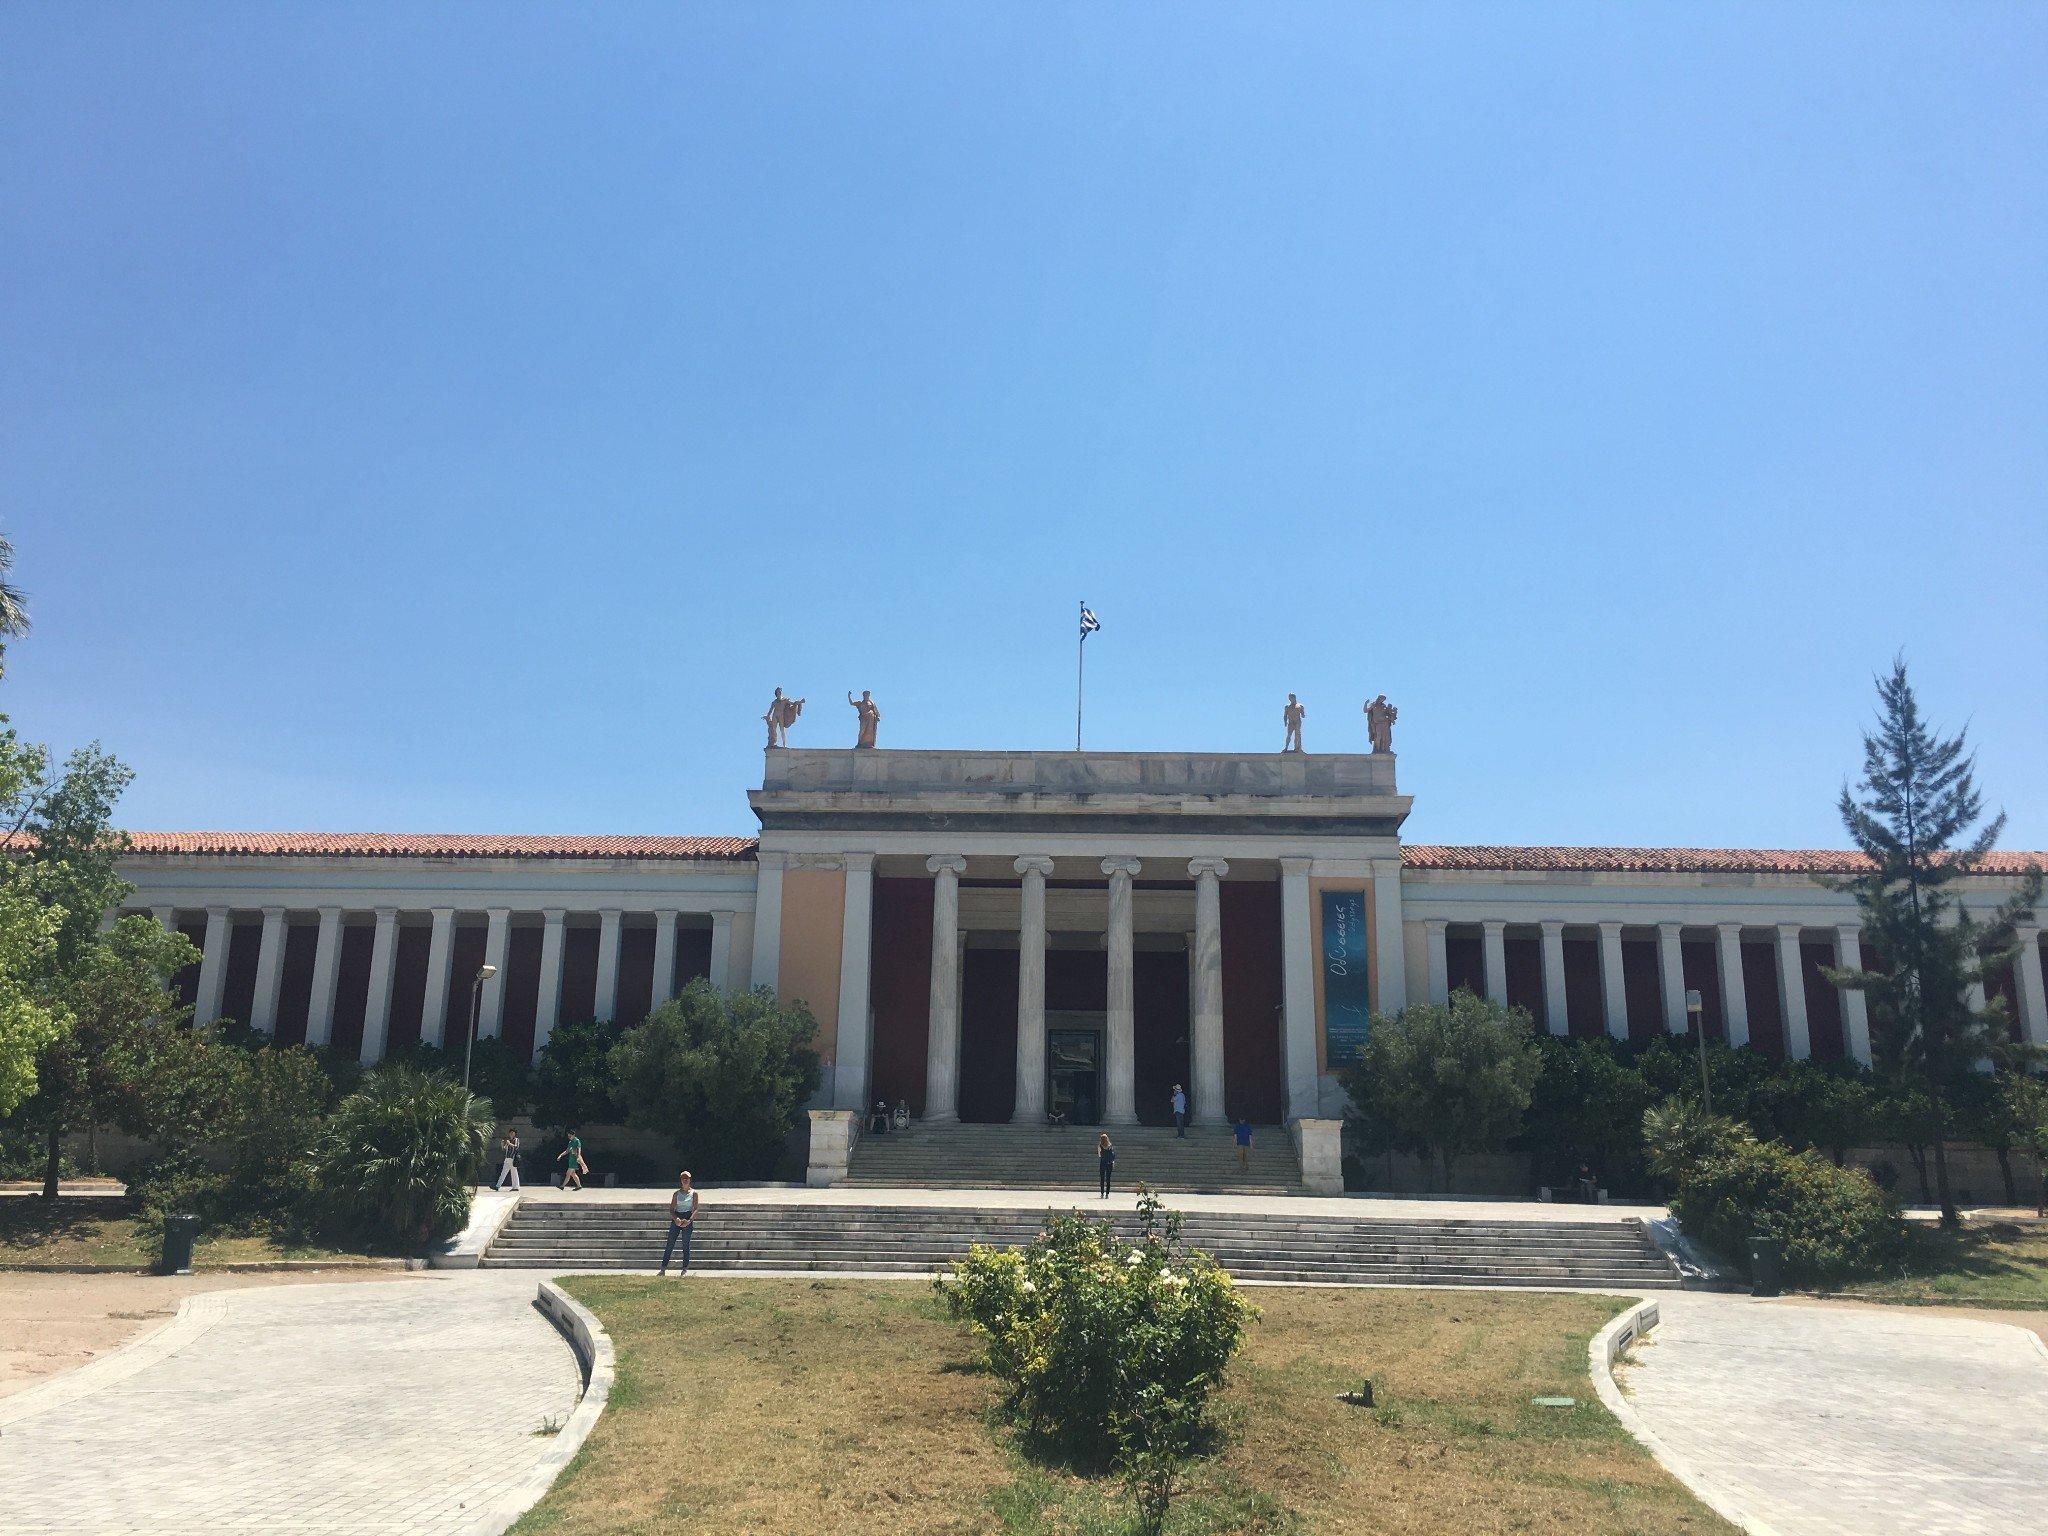 2017年7月2日-12日希腊雅典国家考古博物馆(7月11日)